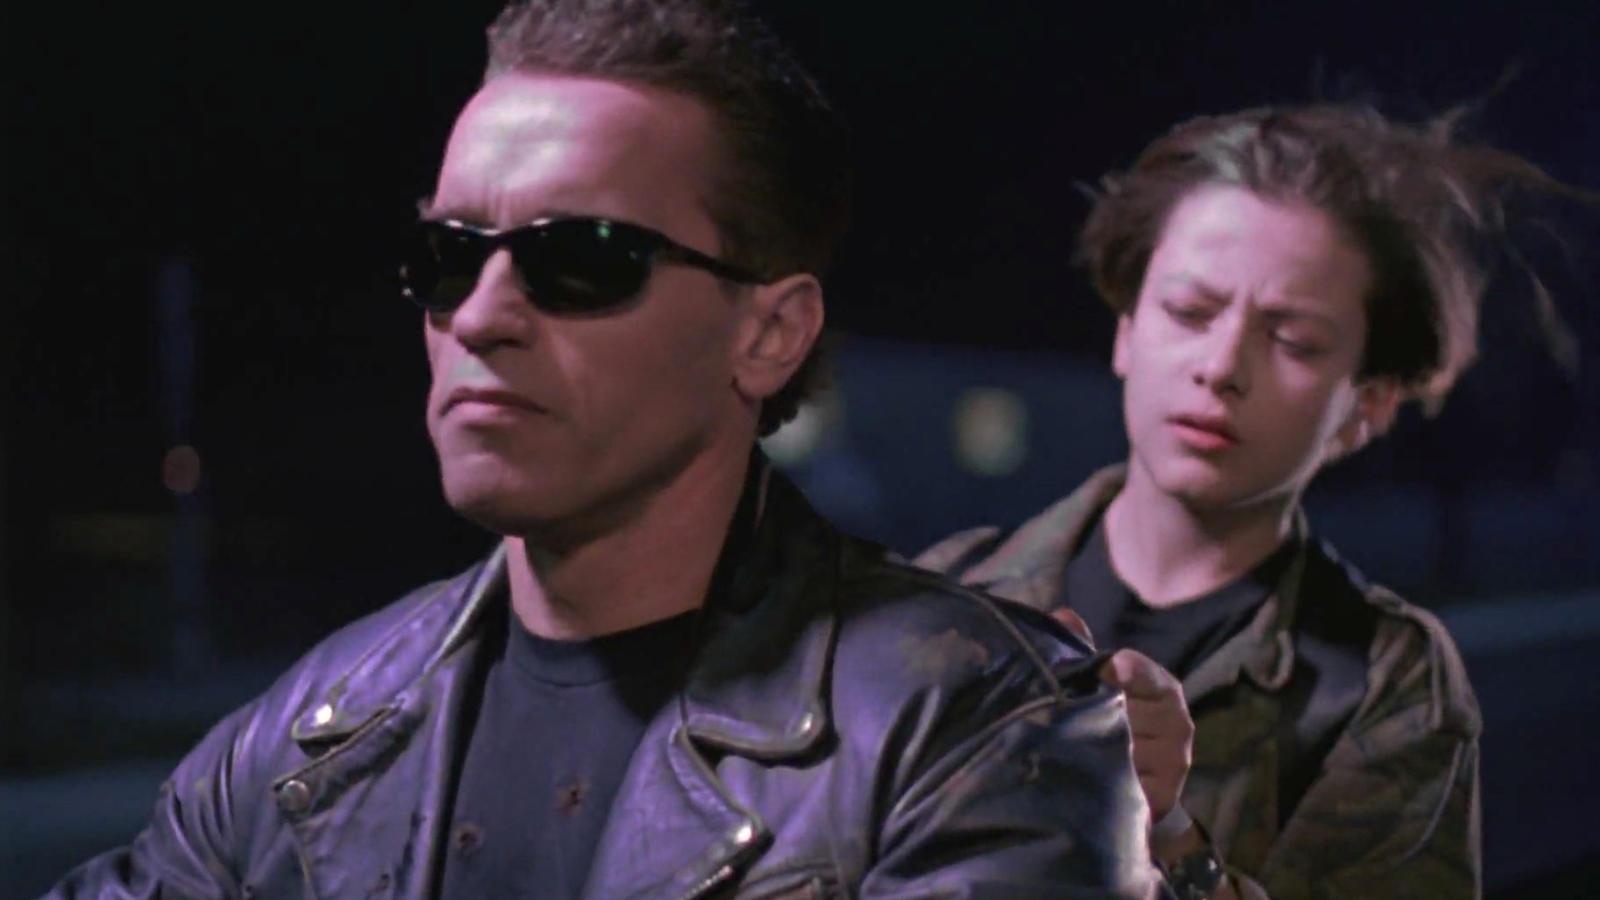 A második Terminátor-film a gyilkos robotot nem csupán megérthetővé, hanem szerethetővé is teszi. Connornak apja helyett apja lesz, és látjuk, ahogy együtt nőnek és változnak a fiúval.